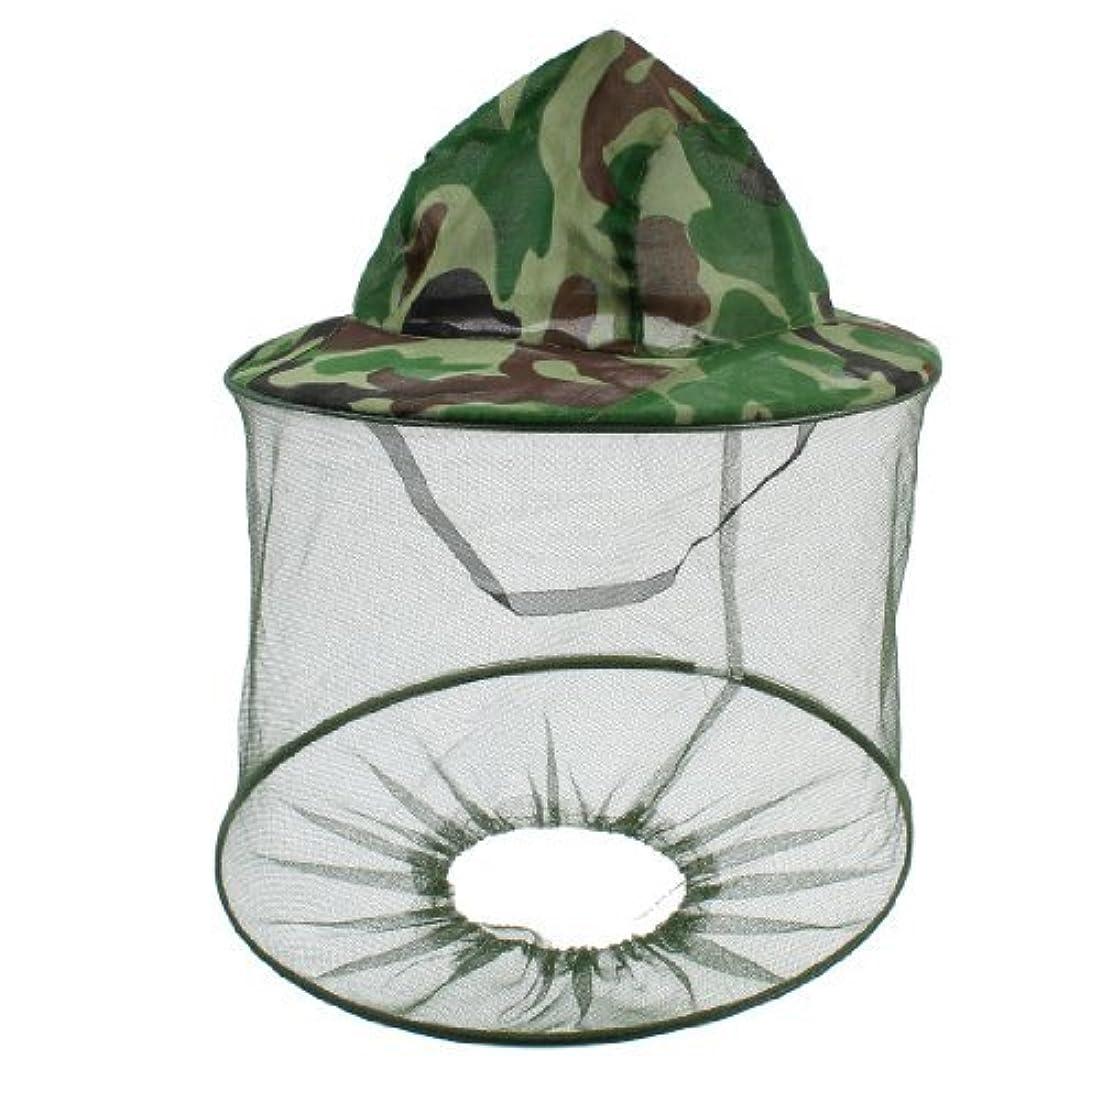 意図する強要シアーDealMux迷彩柄アンチモスキートバグビーフード付きの釣り帽子キャップグリーンダークブラウン